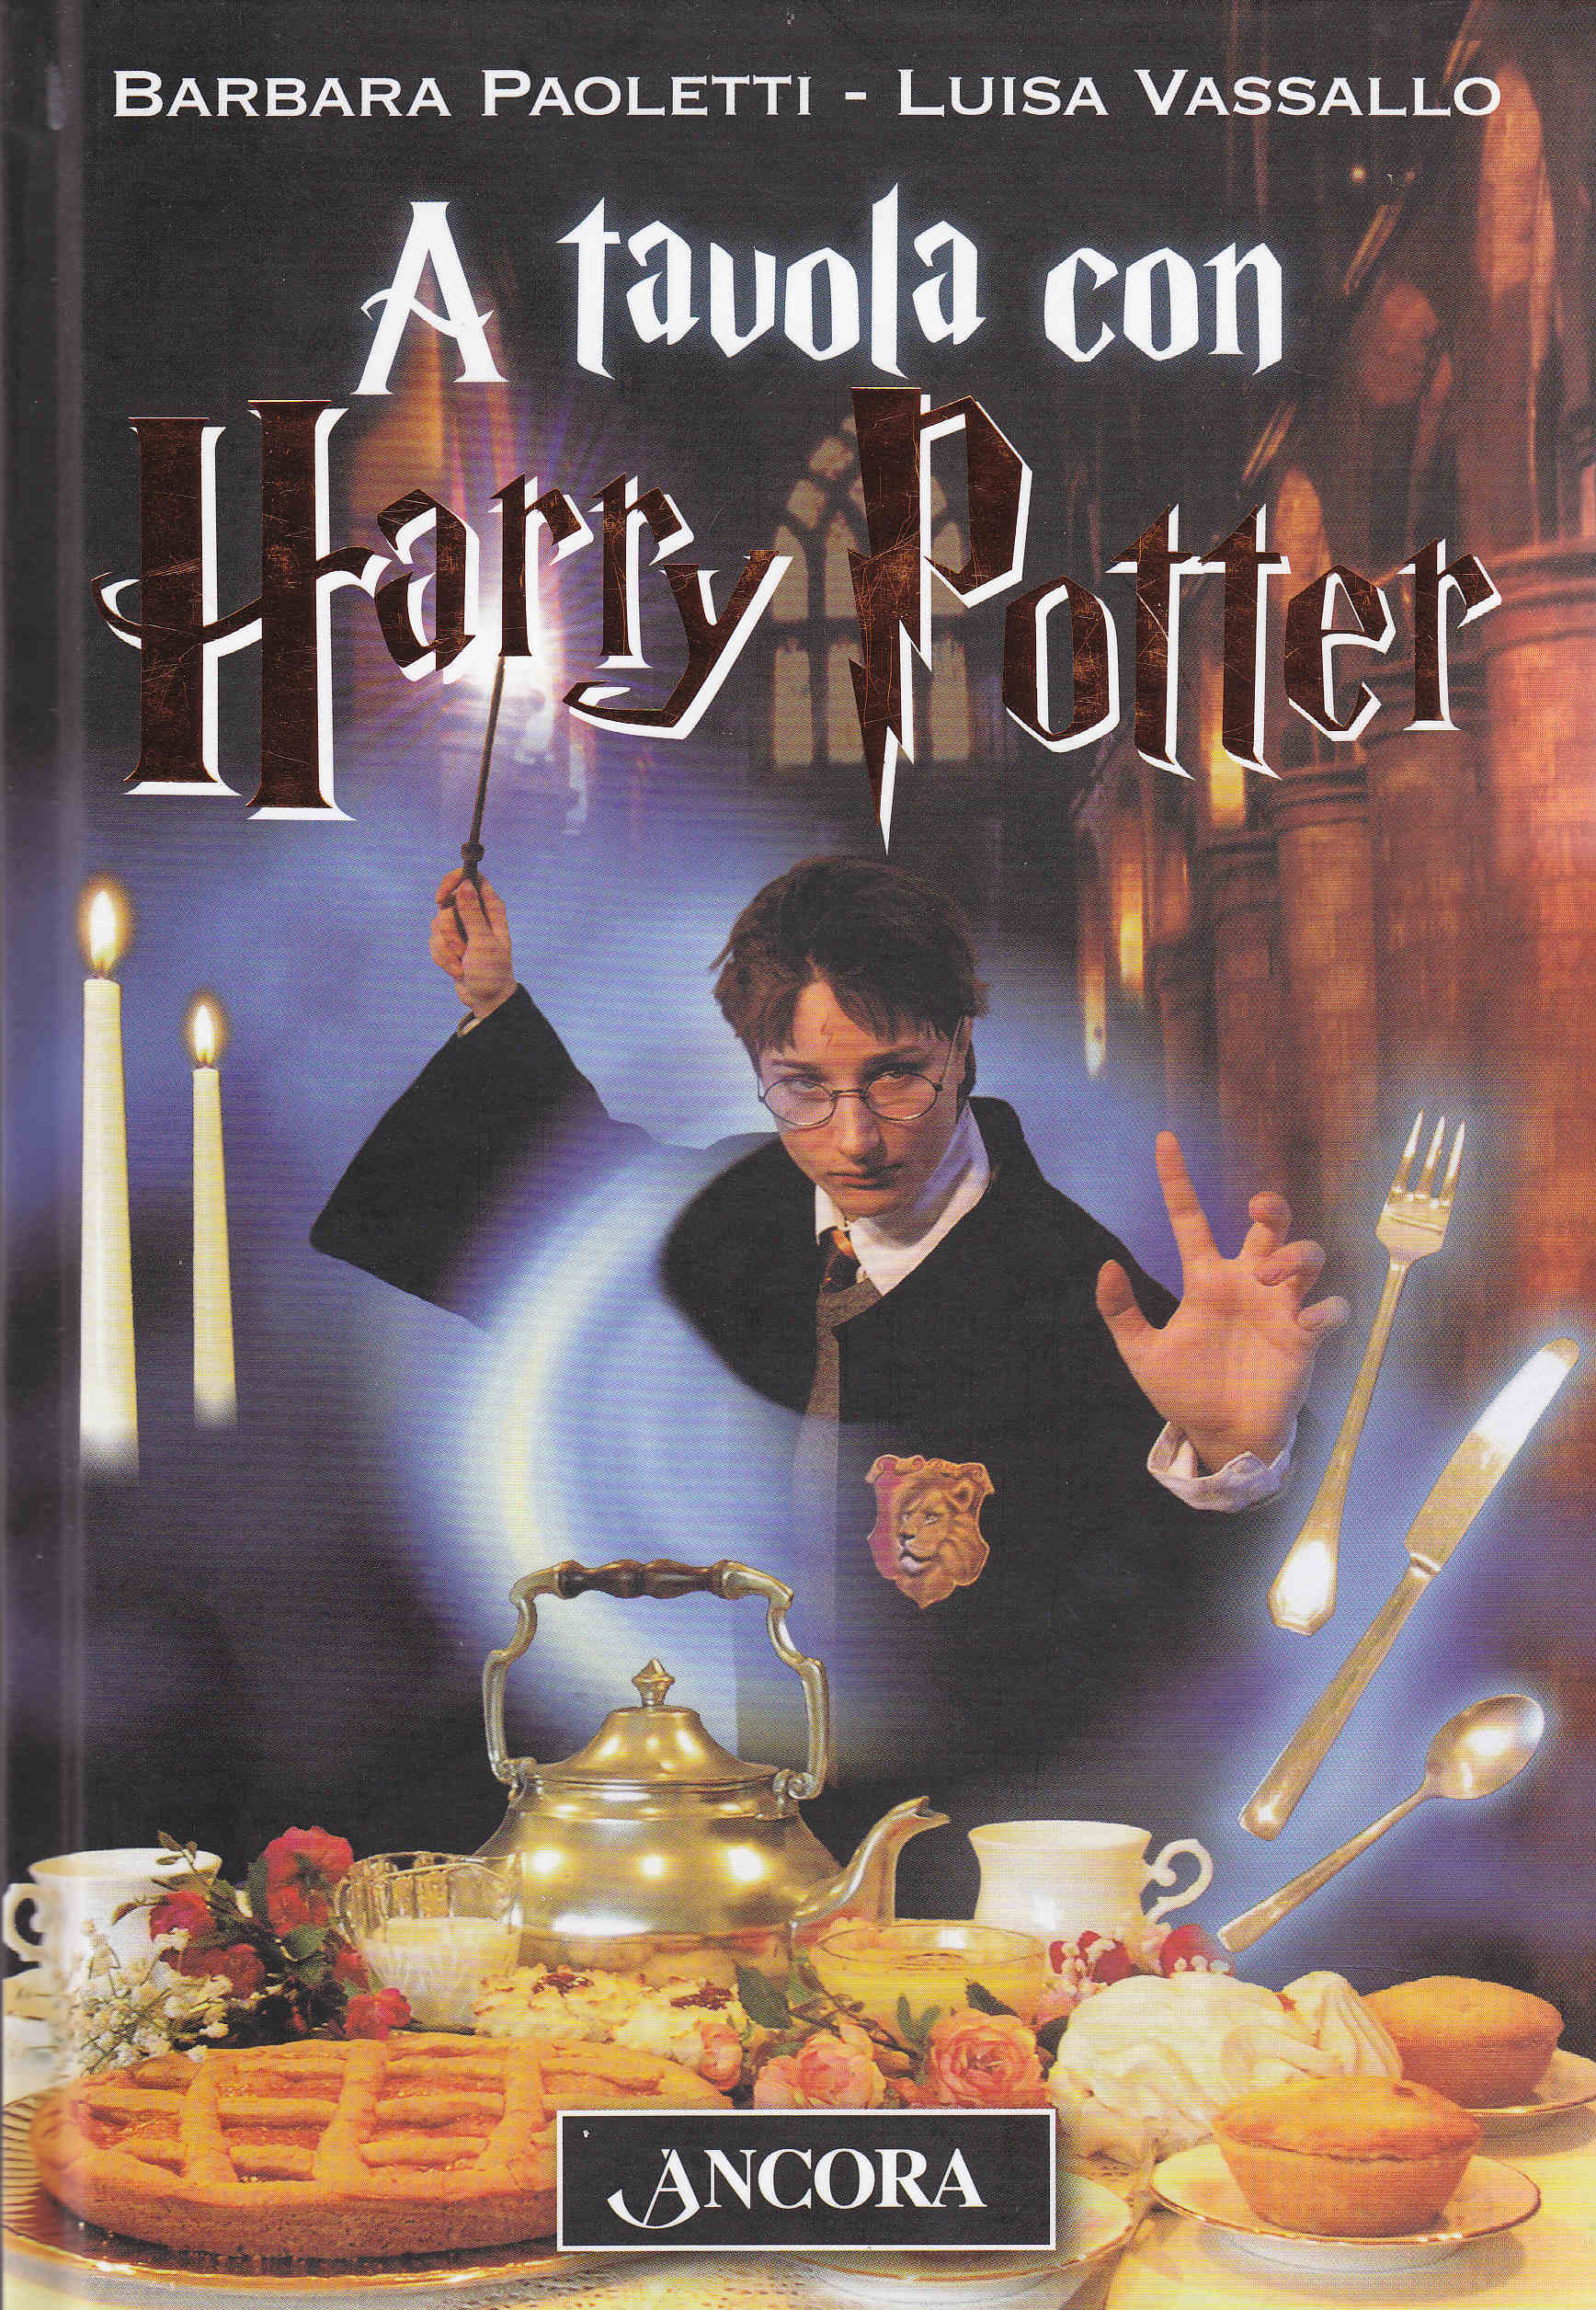 A tavola con harry potter ricette magiche e piatti babbani - A tavola con harry potter ...